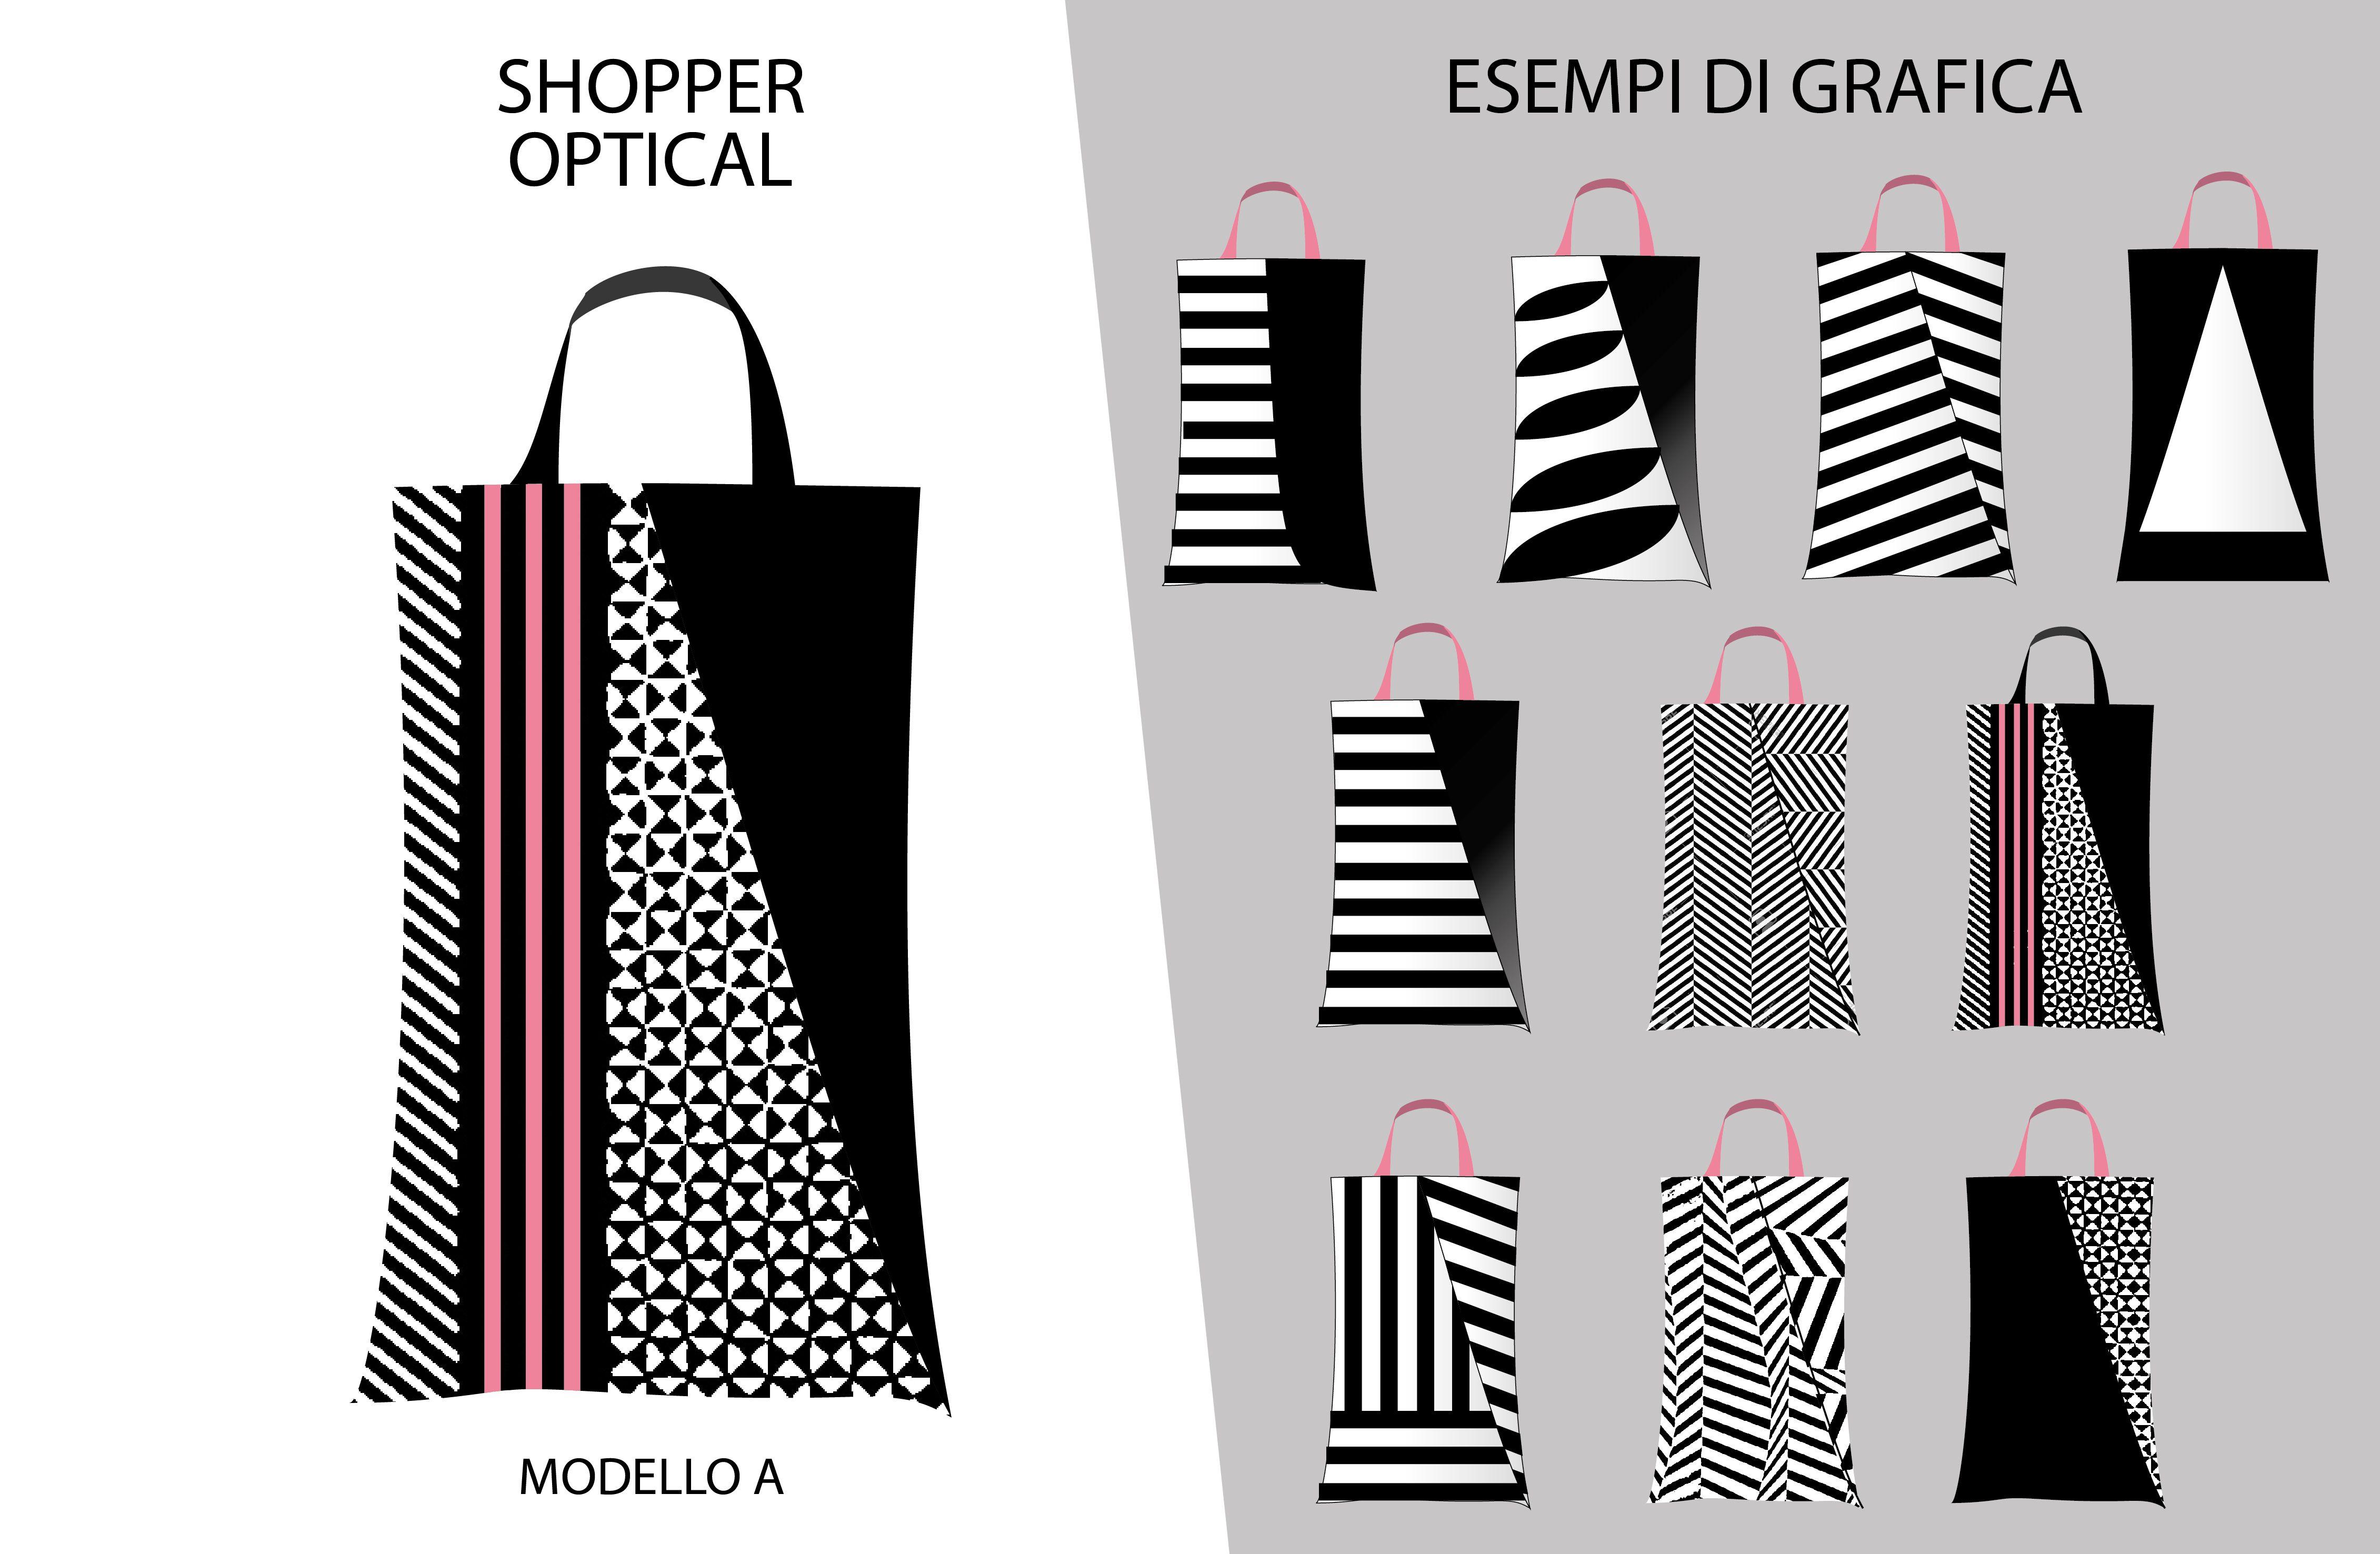 Prove grafiche ORIFLAME 2016 by Emanuela Terraneo